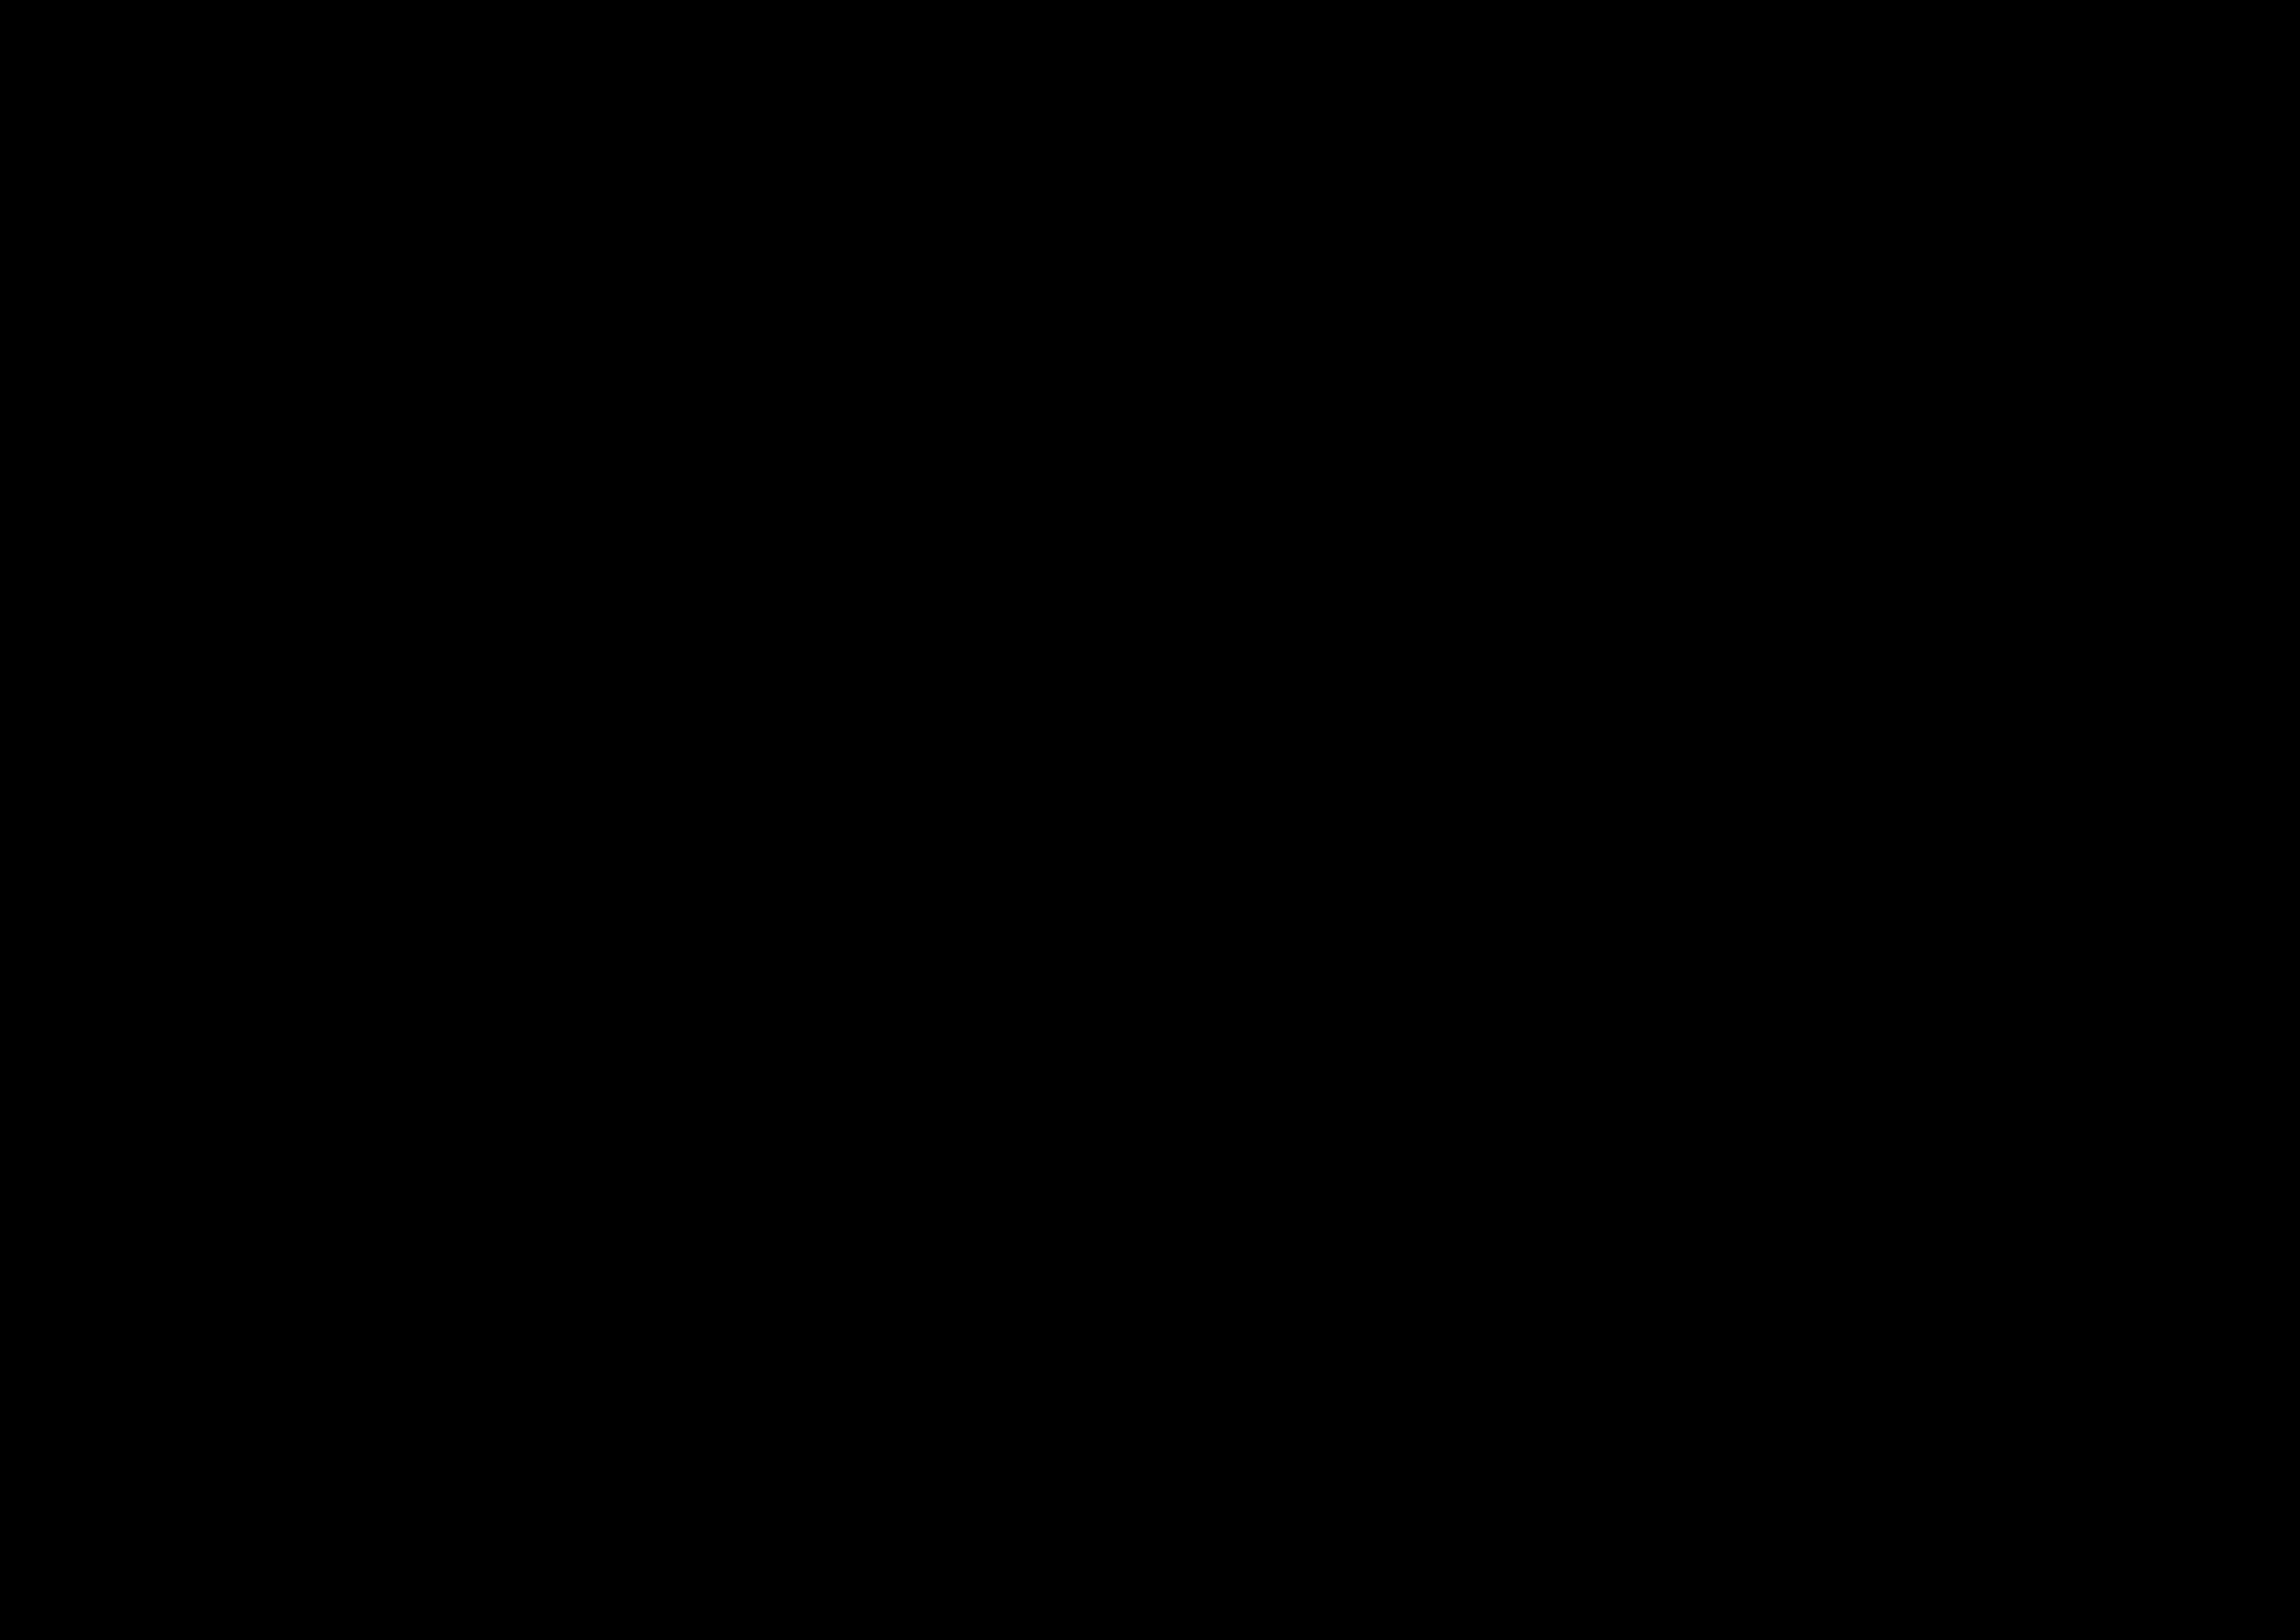 Campi elettrici e magnetici quasi stazionari - Appunti Pag. 36